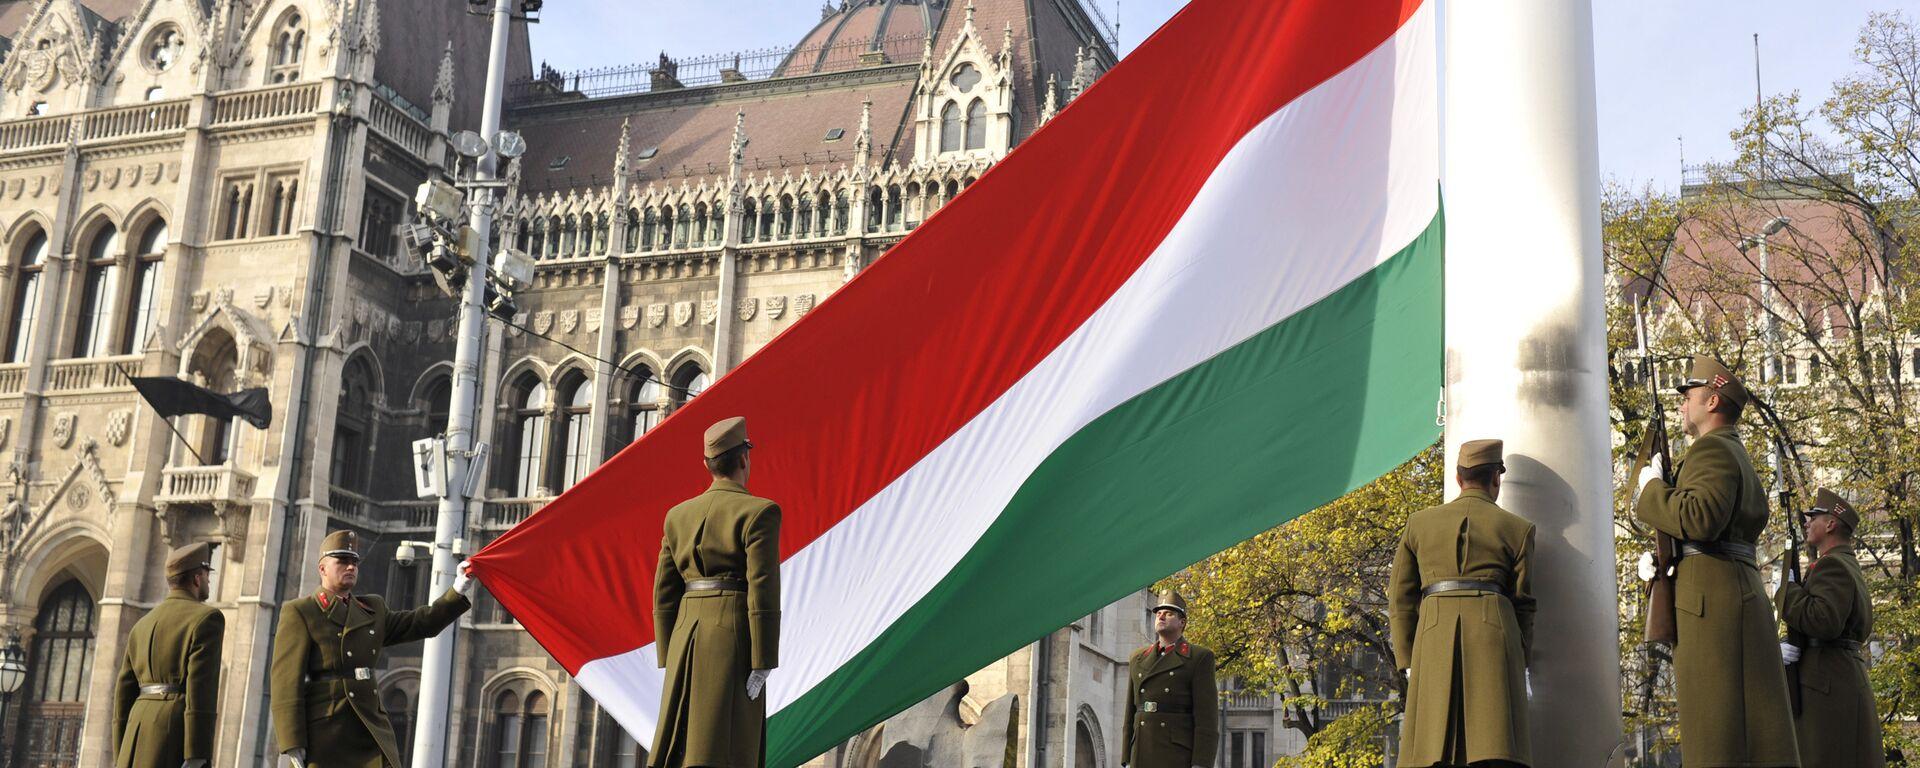 Поднятие национального флага Венгрии в Будапеште - Sputnik Латвия, 1920, 29.06.2021